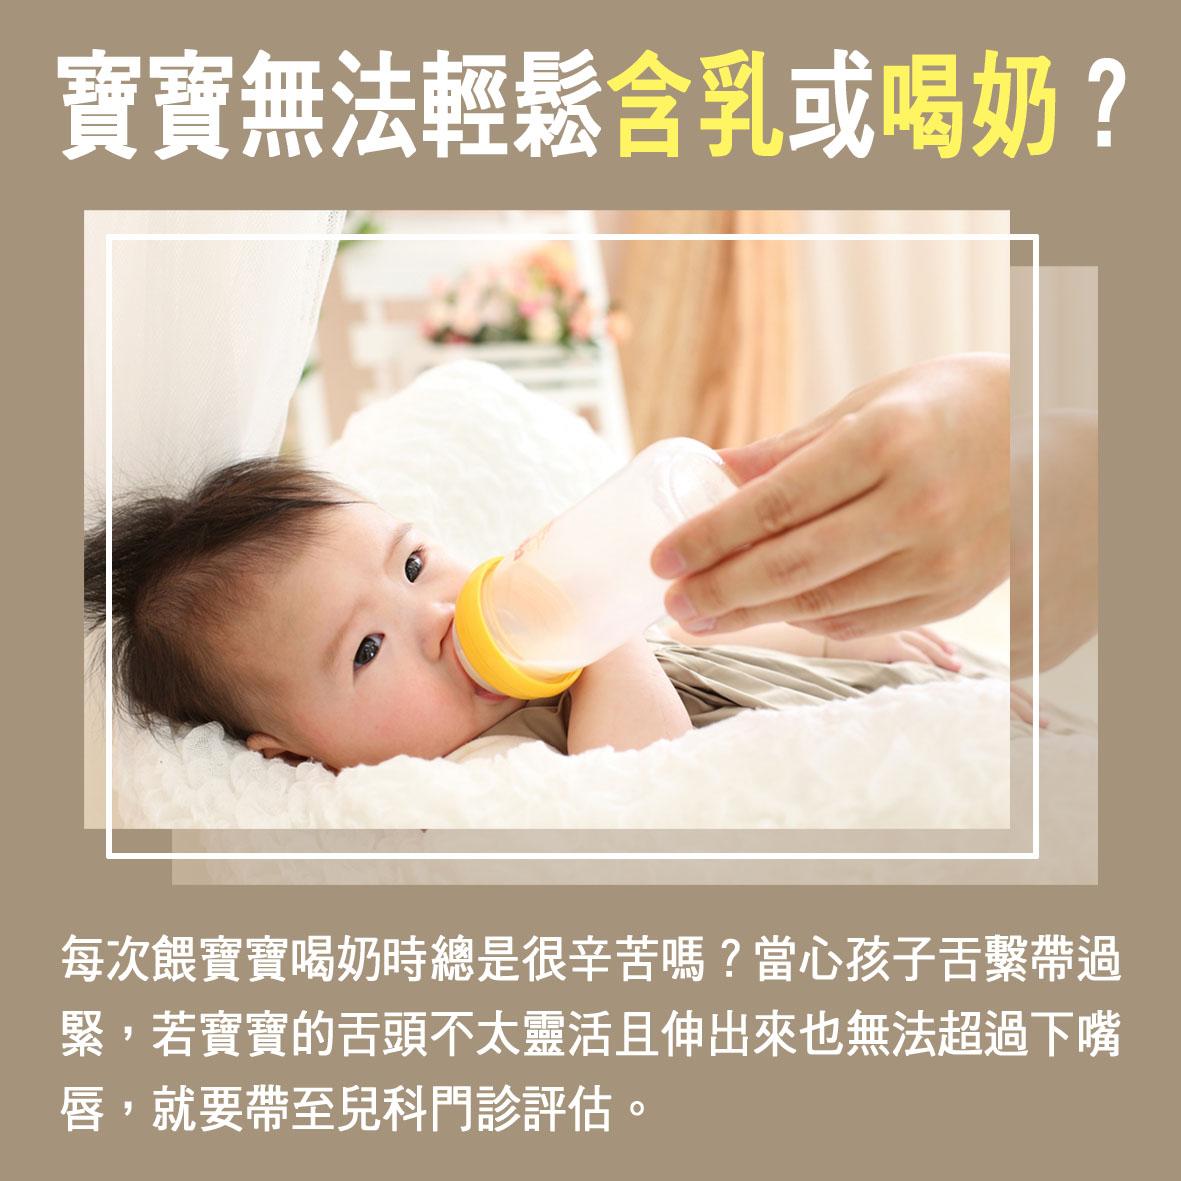 寶寶篇第16週--寶寶無法輕鬆含乳或喝奶?